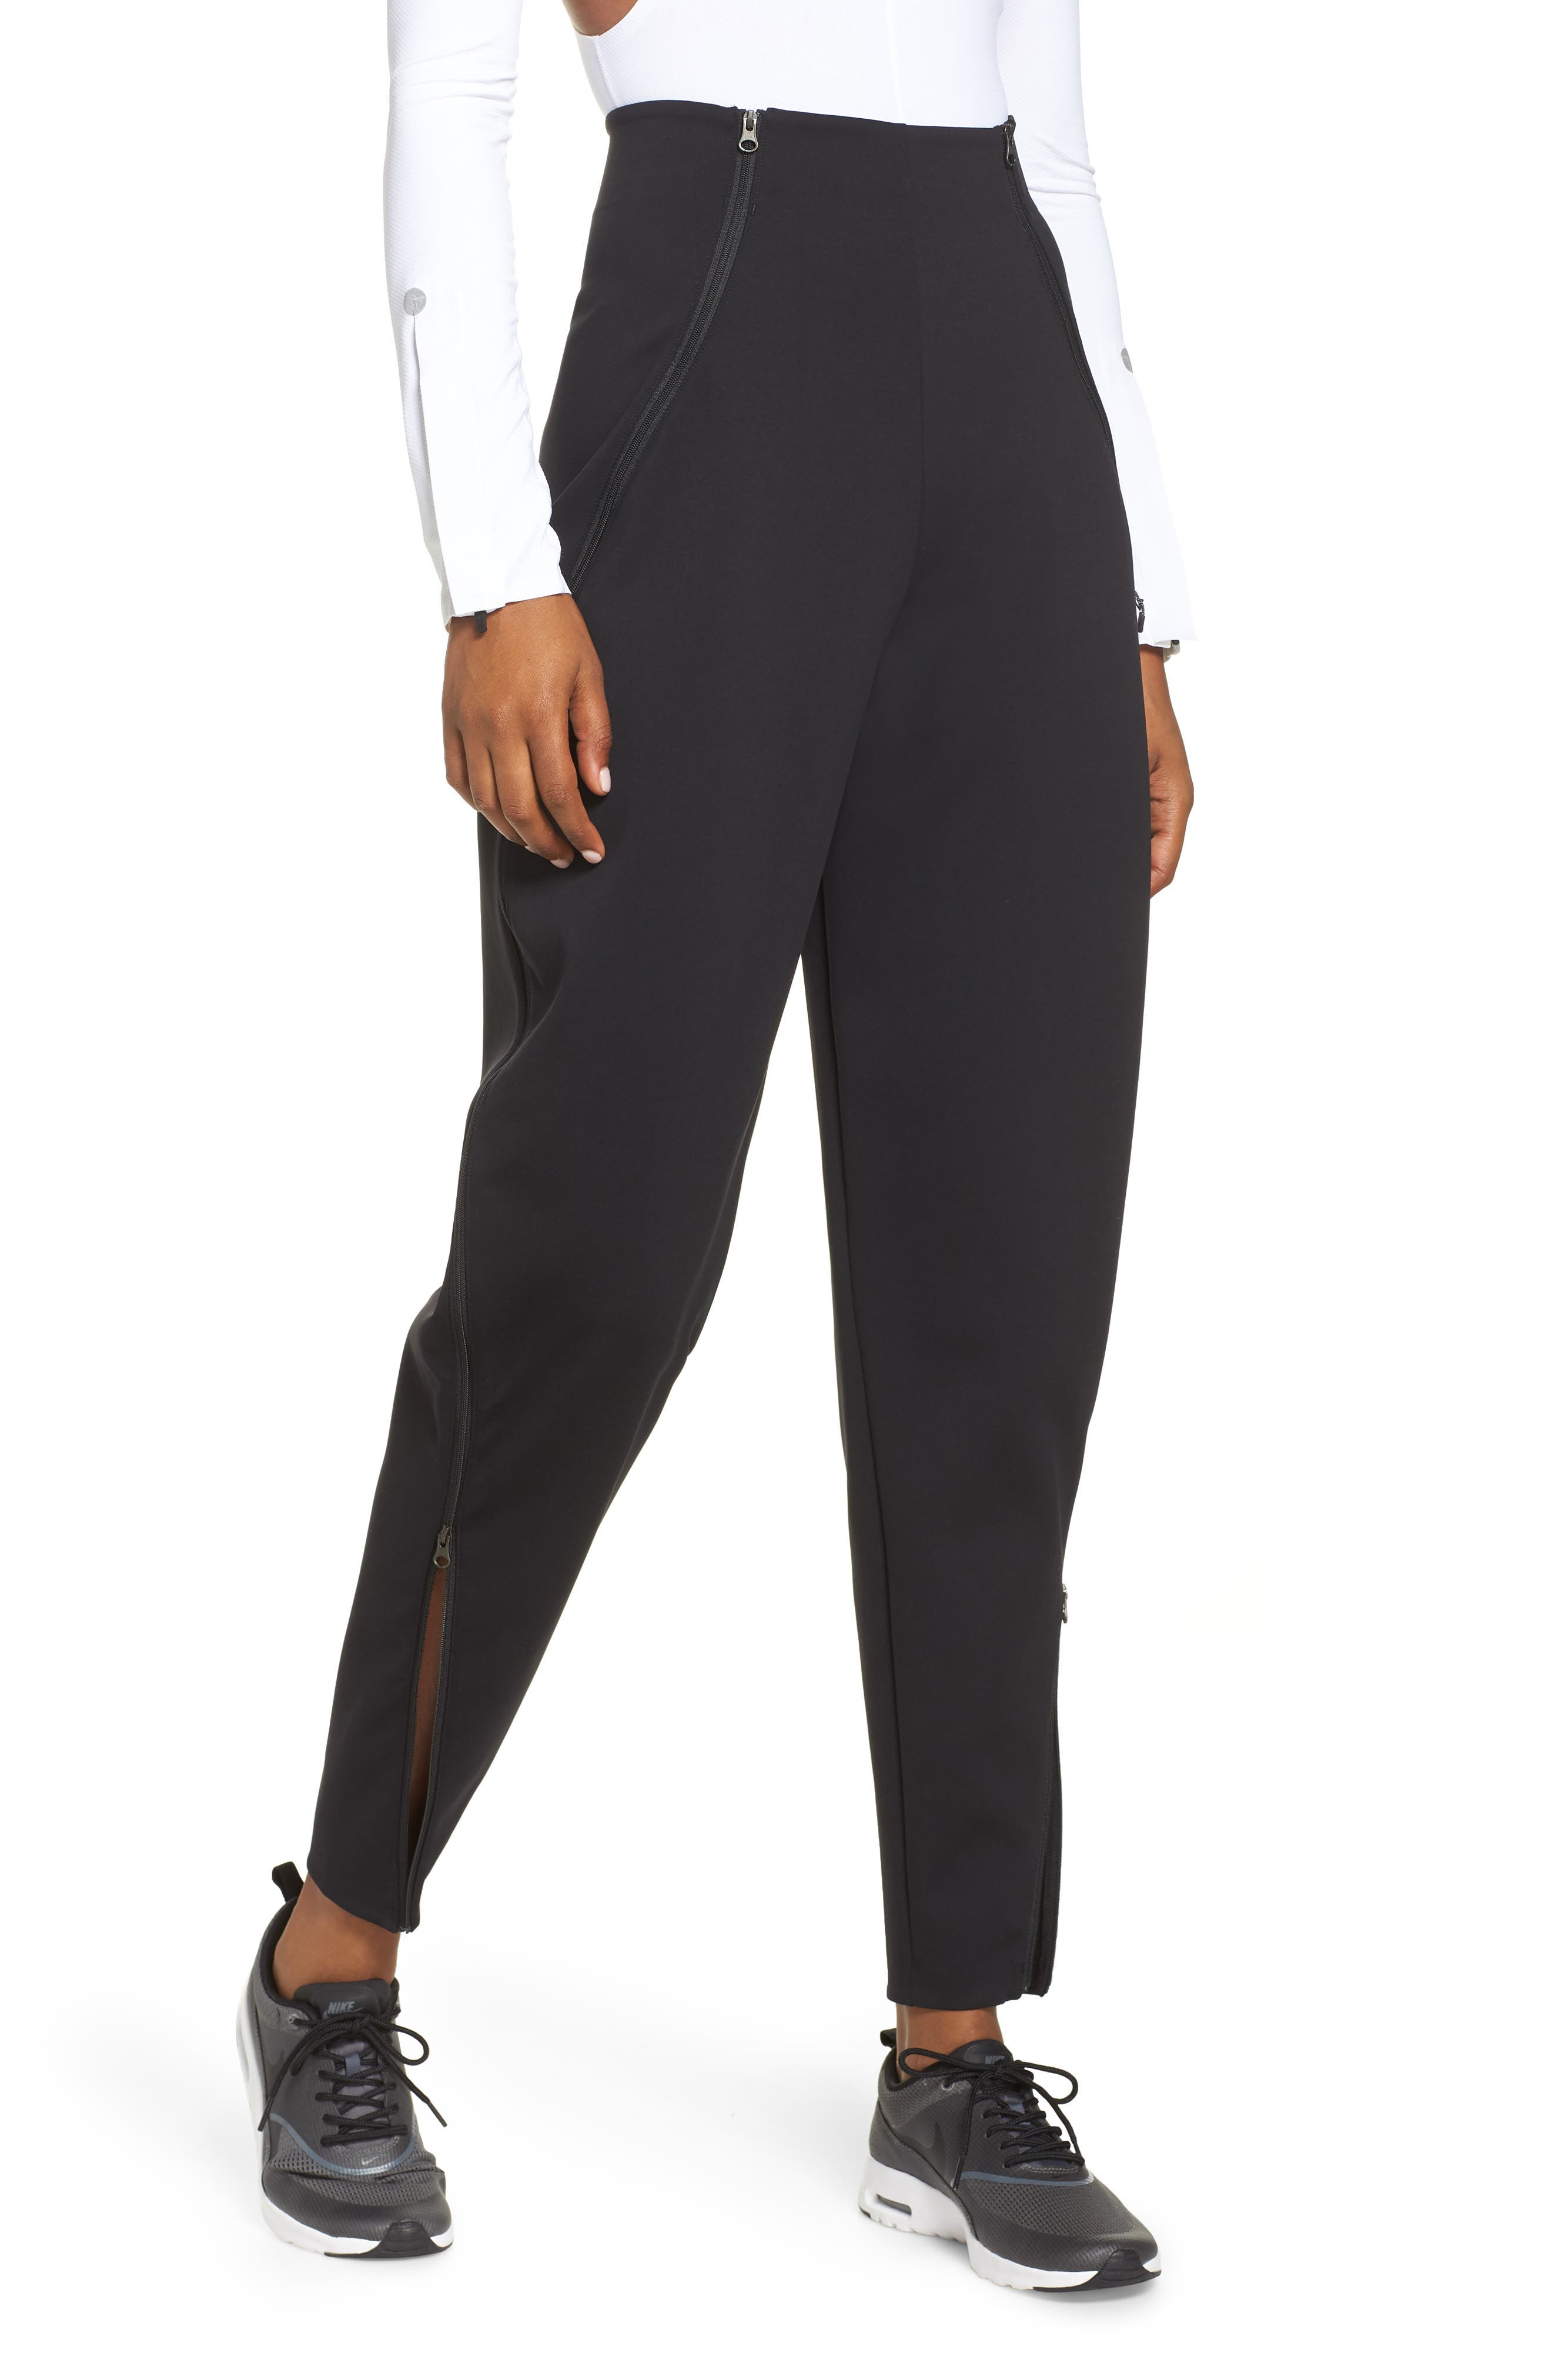 XX Project Women's Dri-FIT Training Pants,                         Main,                         color, BLACK